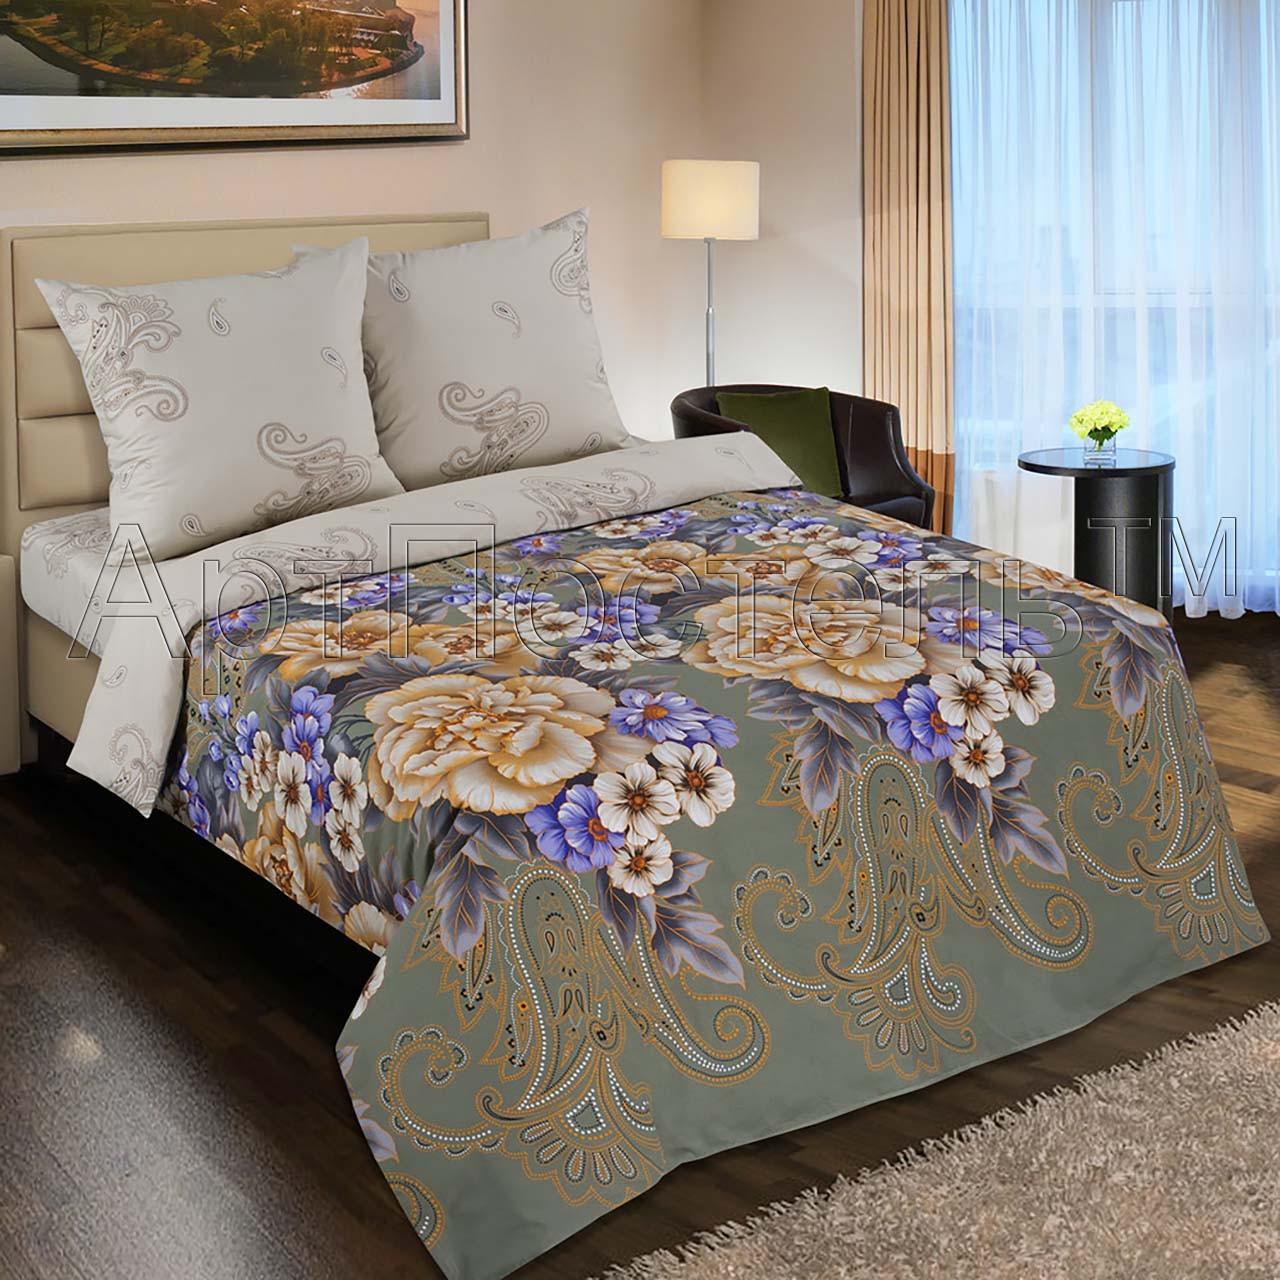 Комплект постельного белья Золотая вышивка (евростандарт)